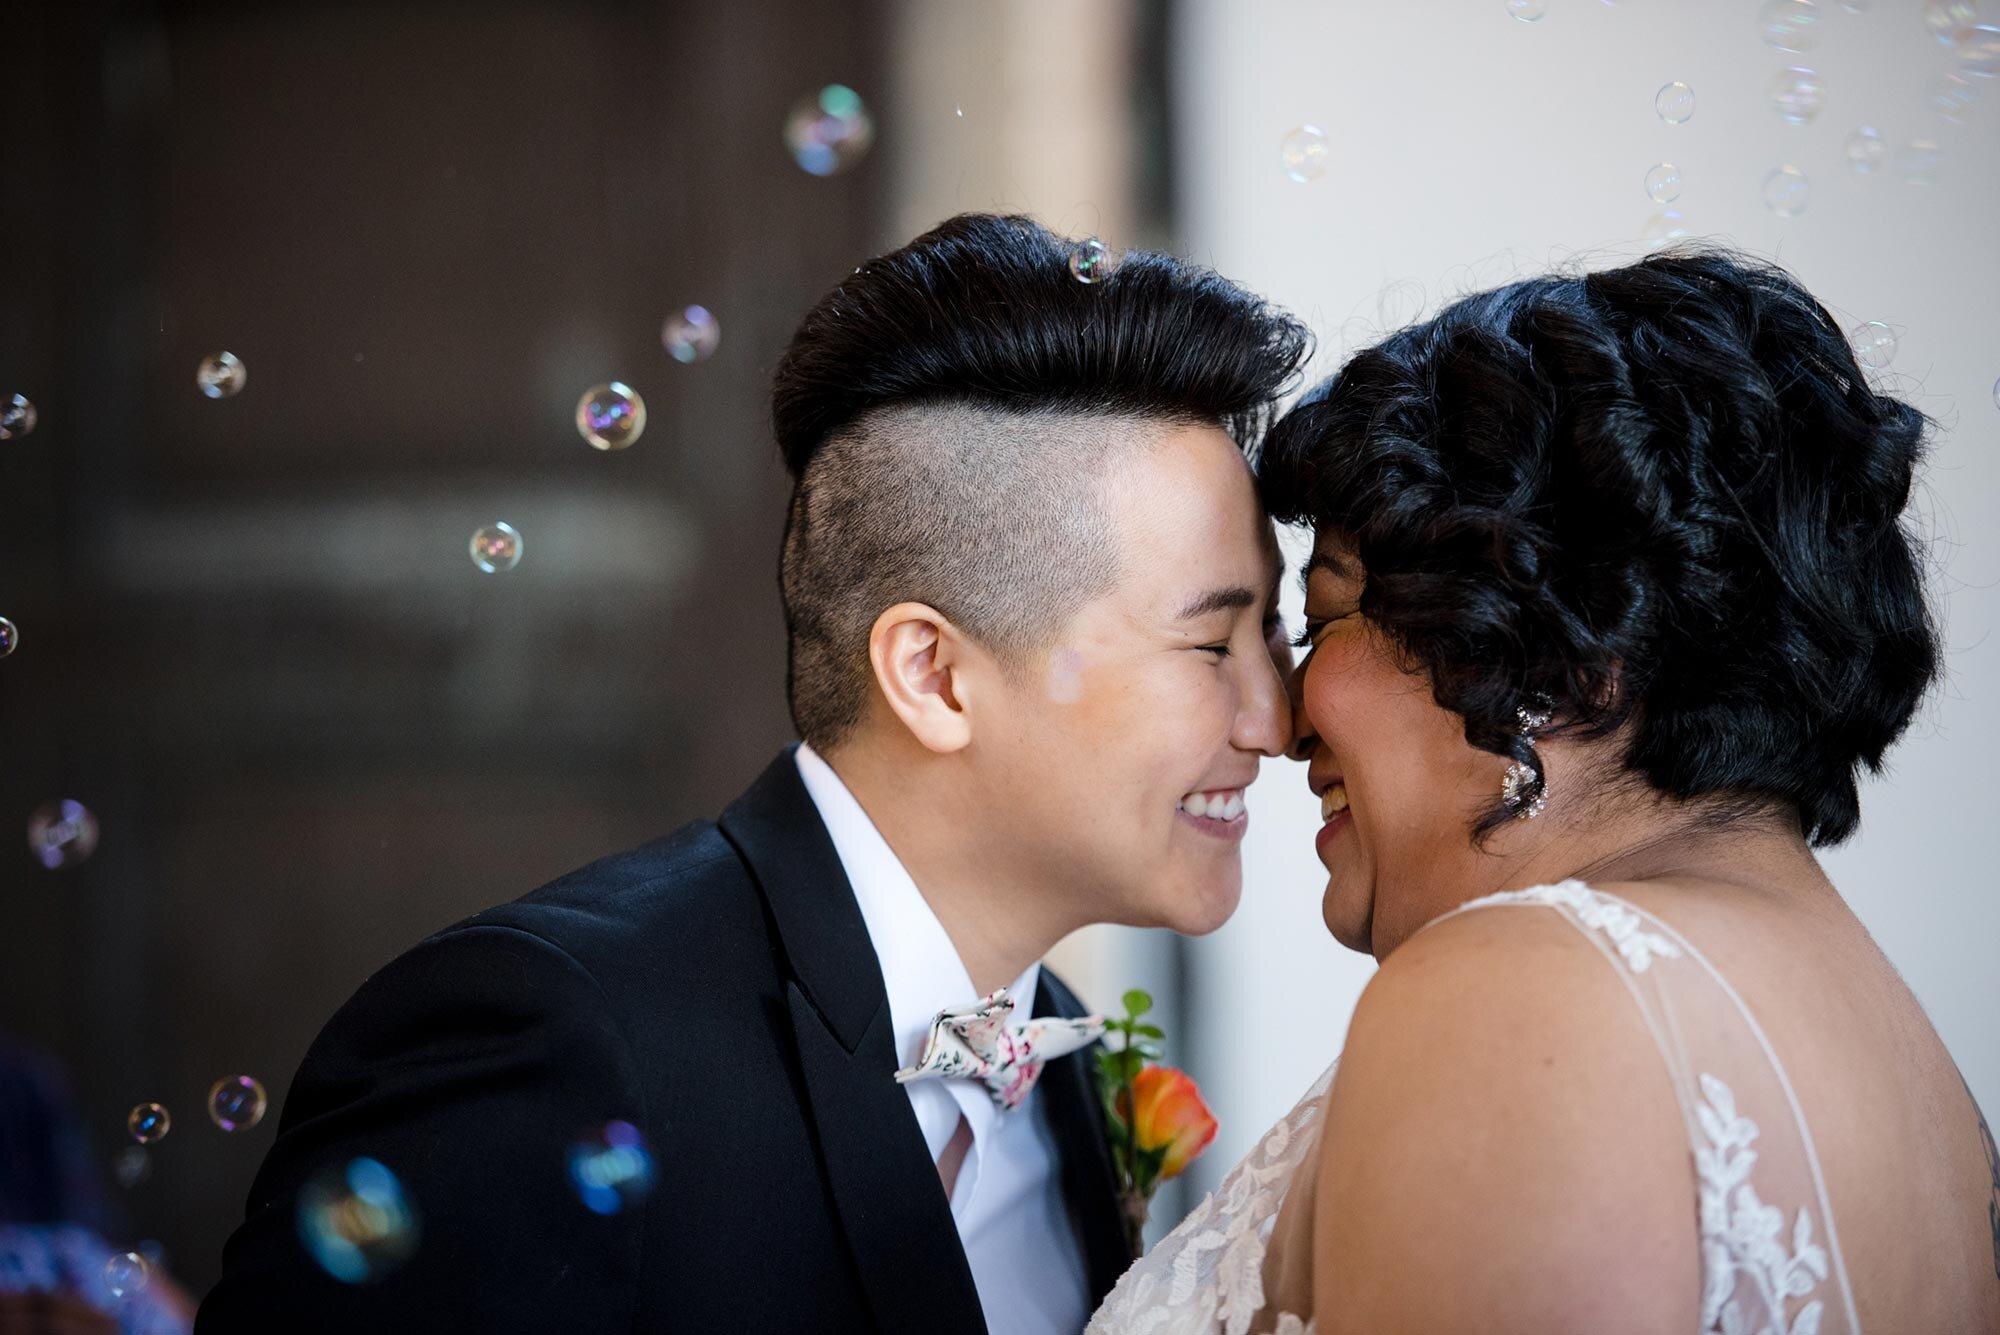 web_2019-06-03_Queer-Styled-Shoot-086.jpg